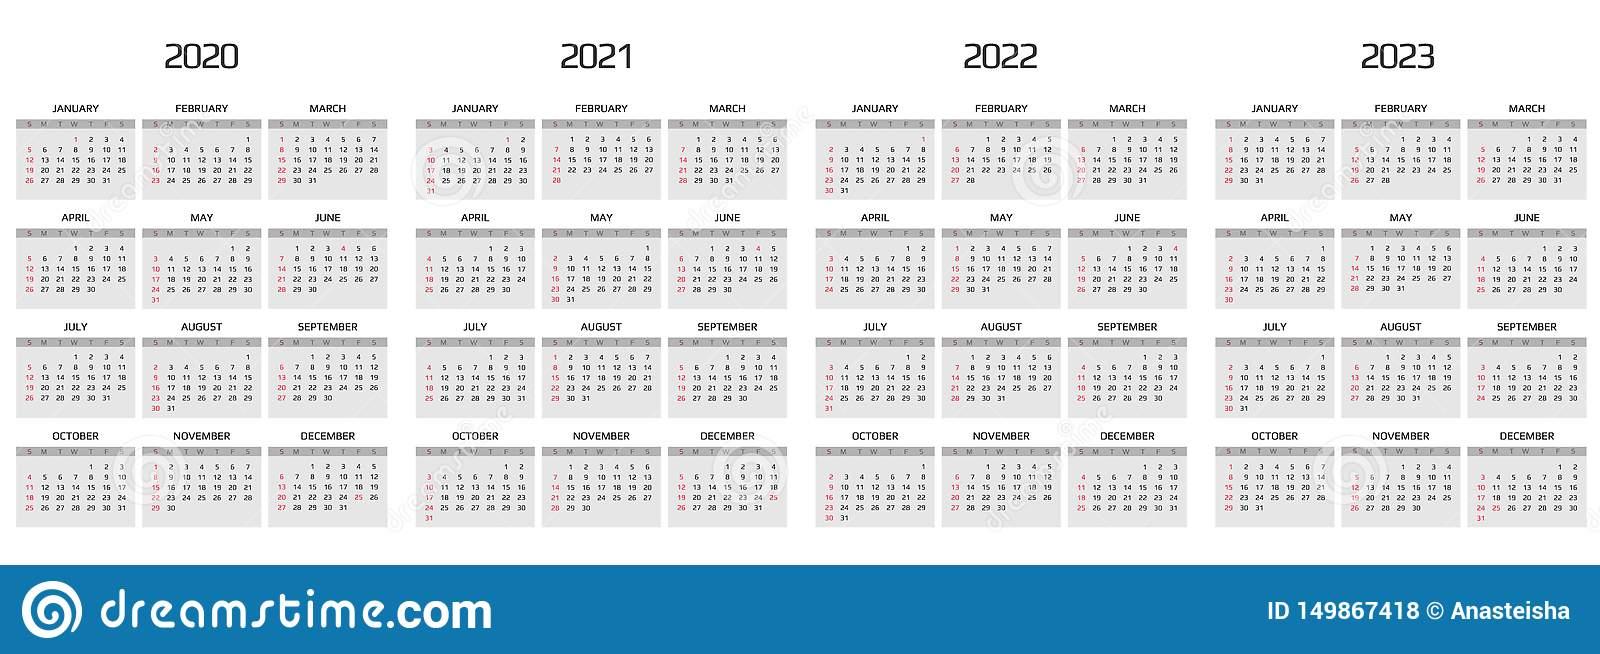 Calendar 2020, 2021, 2022, 2023 Template. 12 Months